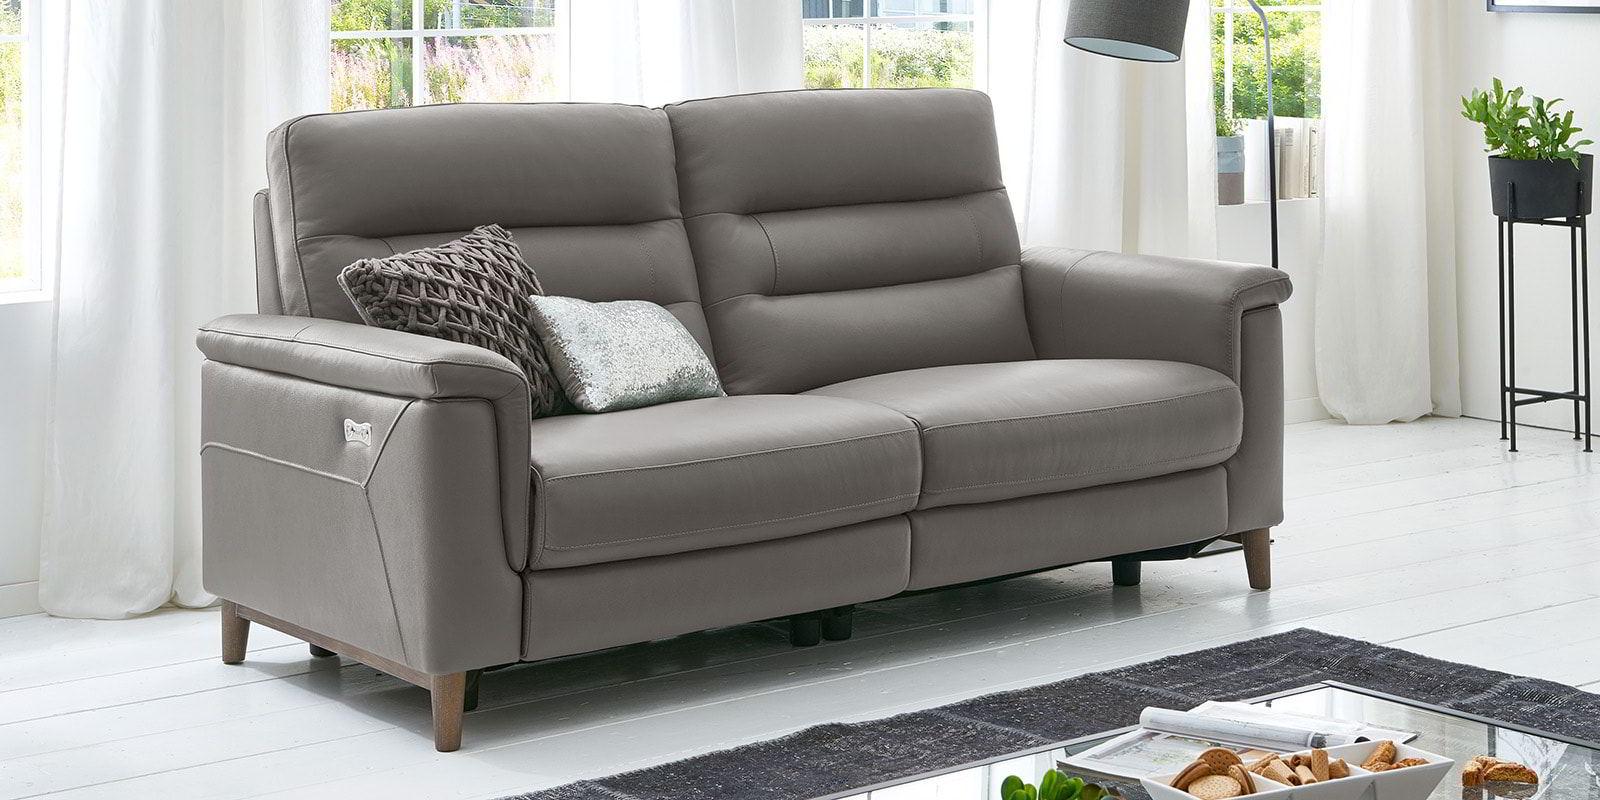 Full Size of Ikea Sofa Elektrisch Aufgeladen Couch Was Tun Leder Elektrische Sitztiefenverstellung Elektrischer Sitzvorzug Geladen Wenn Ist Statisch Aufgeladen Was Sofa Sofa Elektrisch